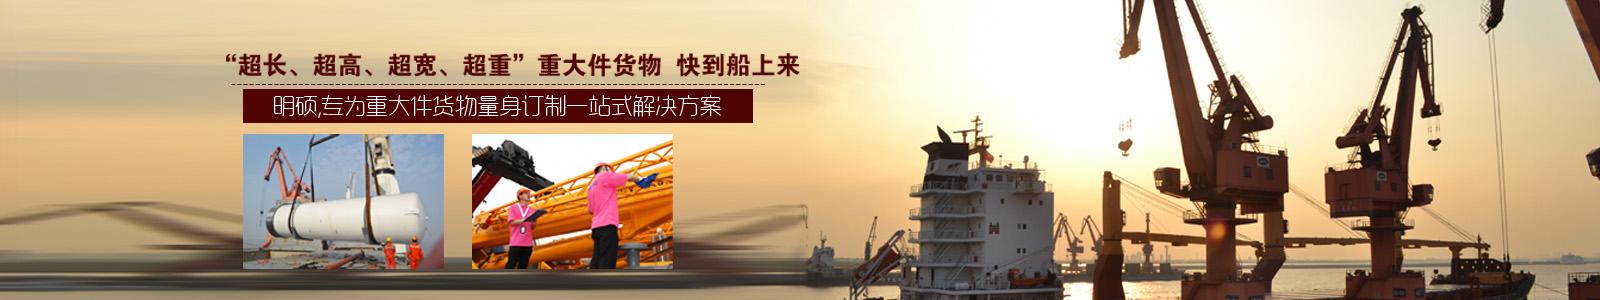 为广大进出口商提供优质的物流服务及贴心的关怀